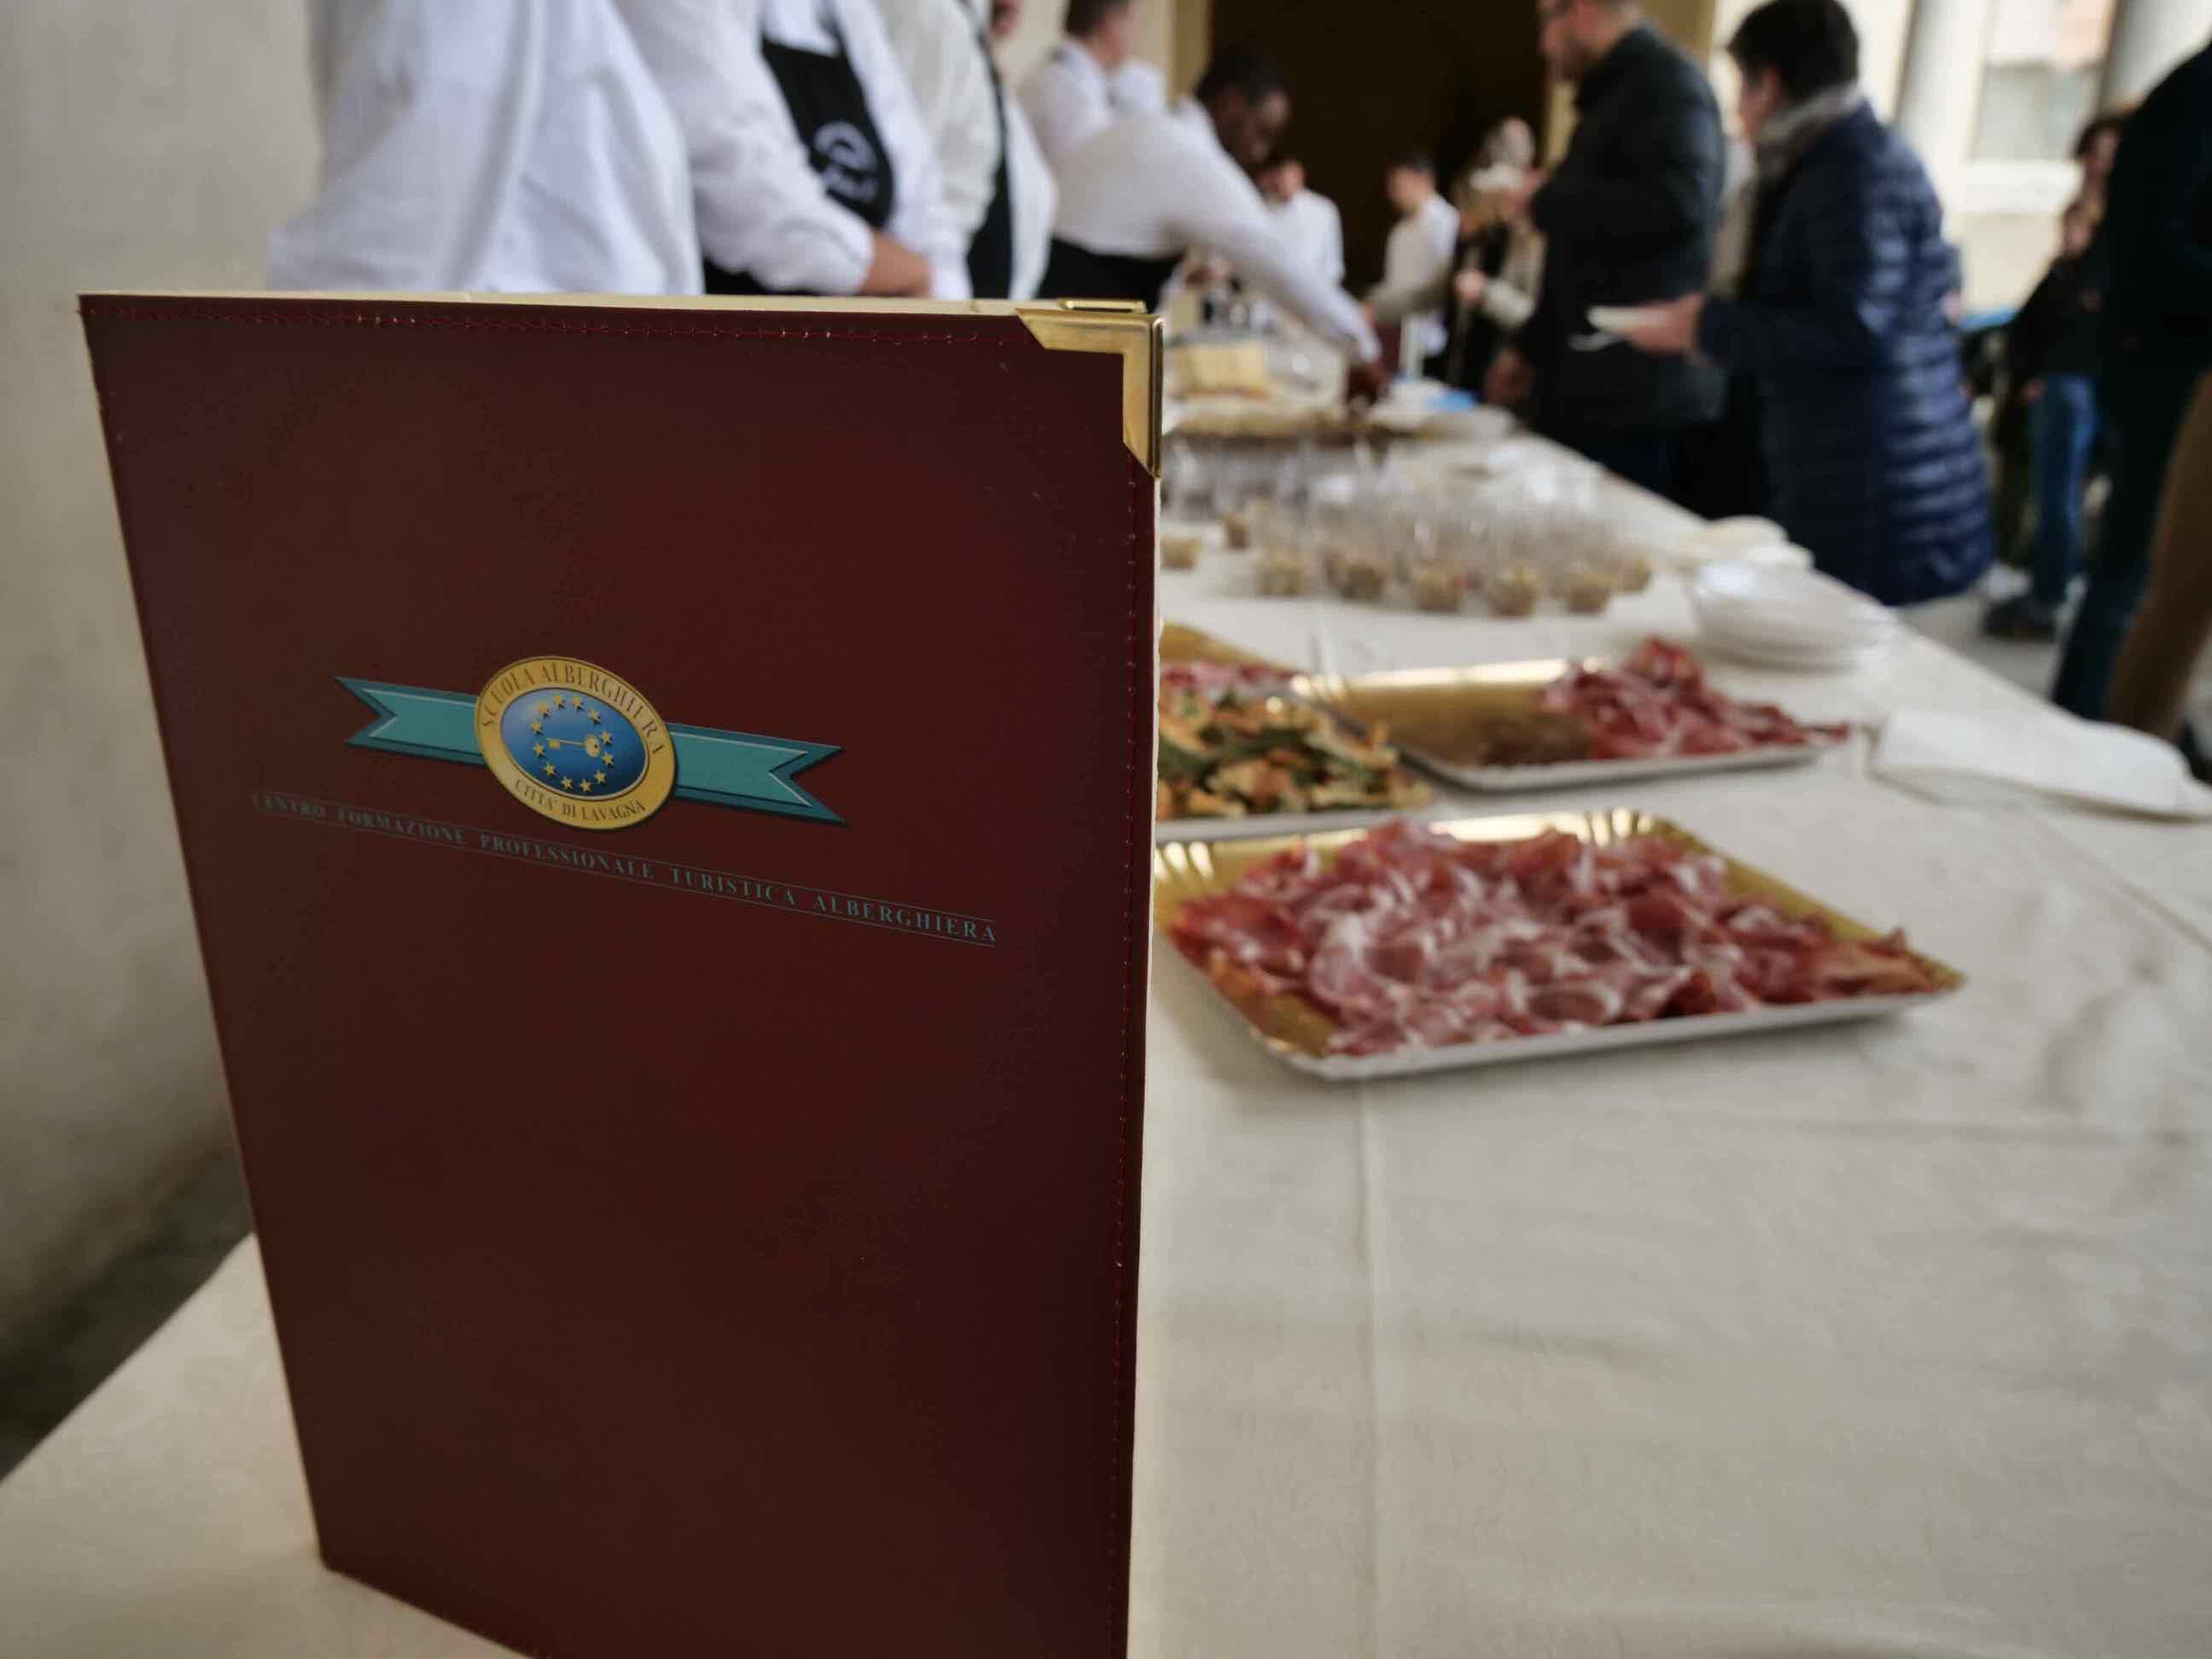 Torneo di pesto al mortaio e aperitivo di beneficienza a cura della Scuola Alberghiera di Lavagna - 12